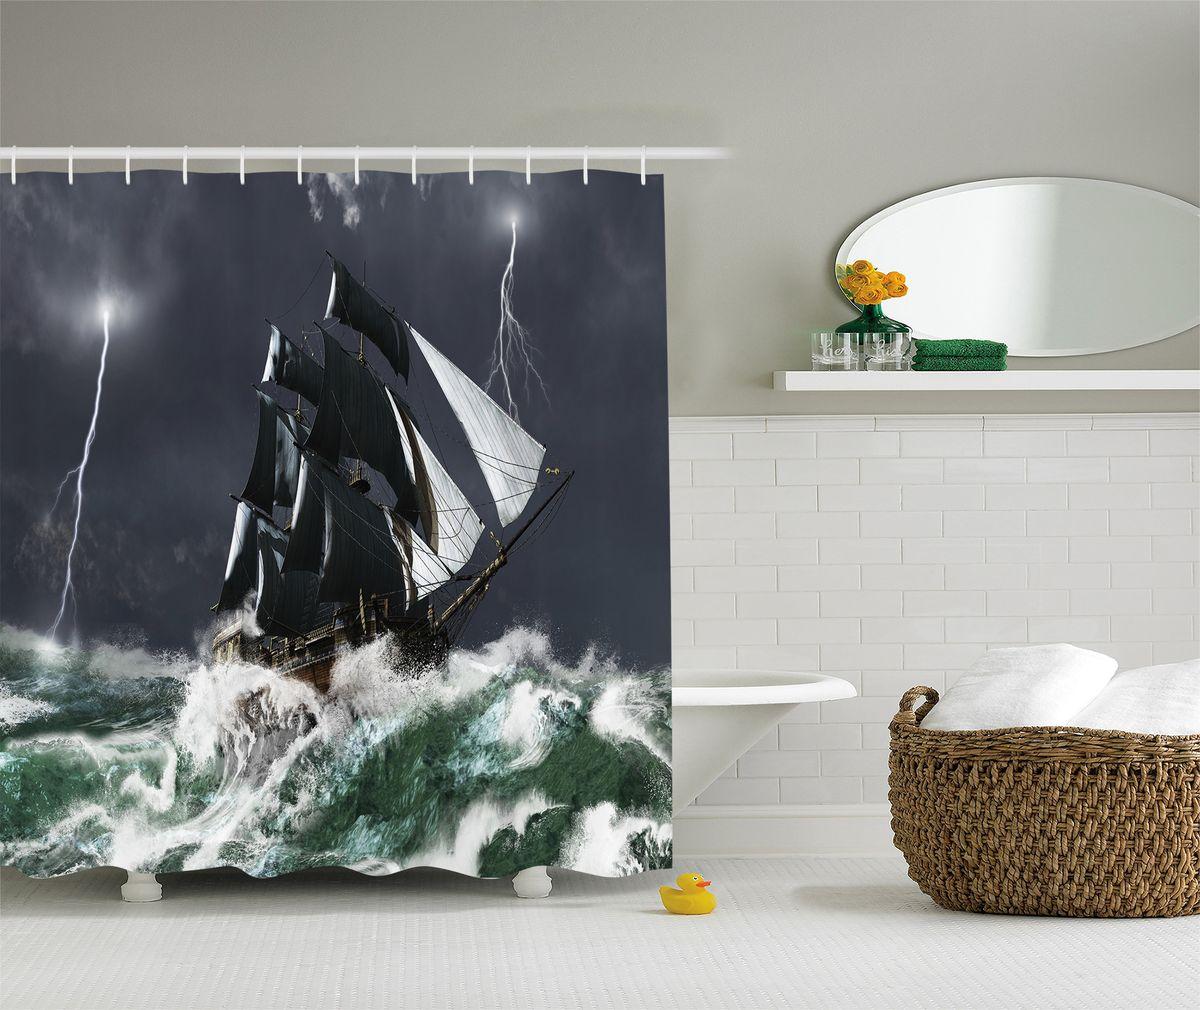 Штора для ванной комнаты Magic Lady Корабль в бурном море, 180 х 200 смшв_8259Штора Magic Lady Корабль в бурном море, изготовленная из высококачественного сатена (полиэстер 100%), отлично дополнит любой интерьер ванной комнаты. При изготовлении используются специальные гипоаллергенные чернила для прямой печати по ткани, безопасные для человека. В комплекте: 1 штора, 12 крючков. Обращаем ваше внимание, фактический цвет изделия может незначительно отличаться от представленного на фото.